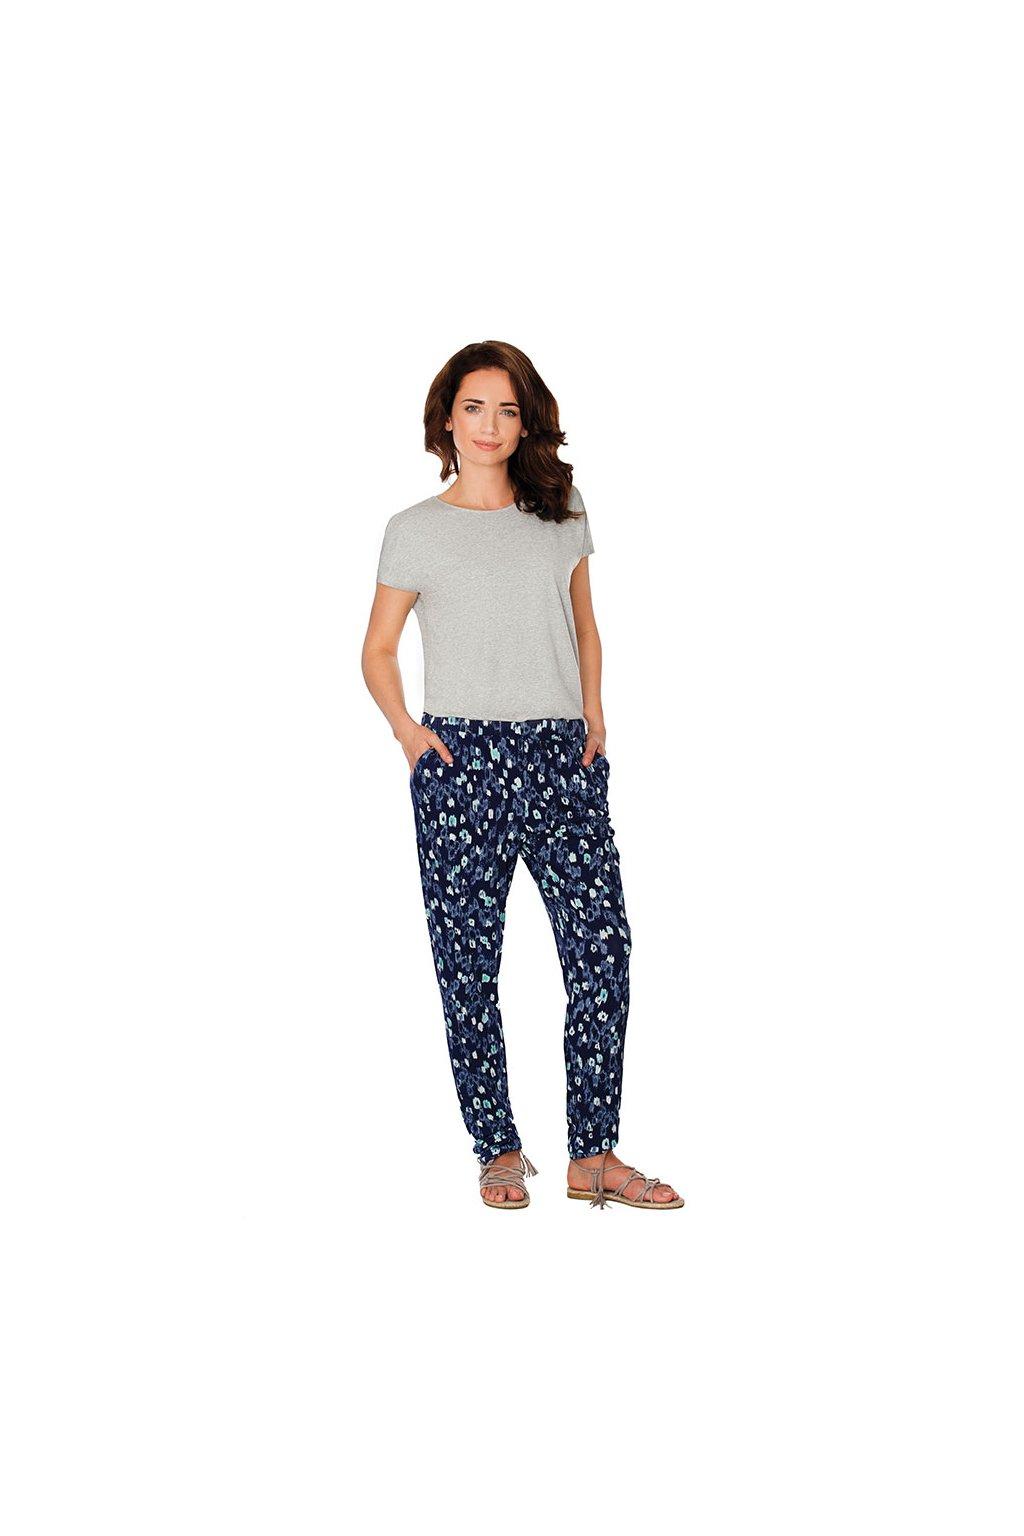 Dámské kalhoty, 10125 247, modrá